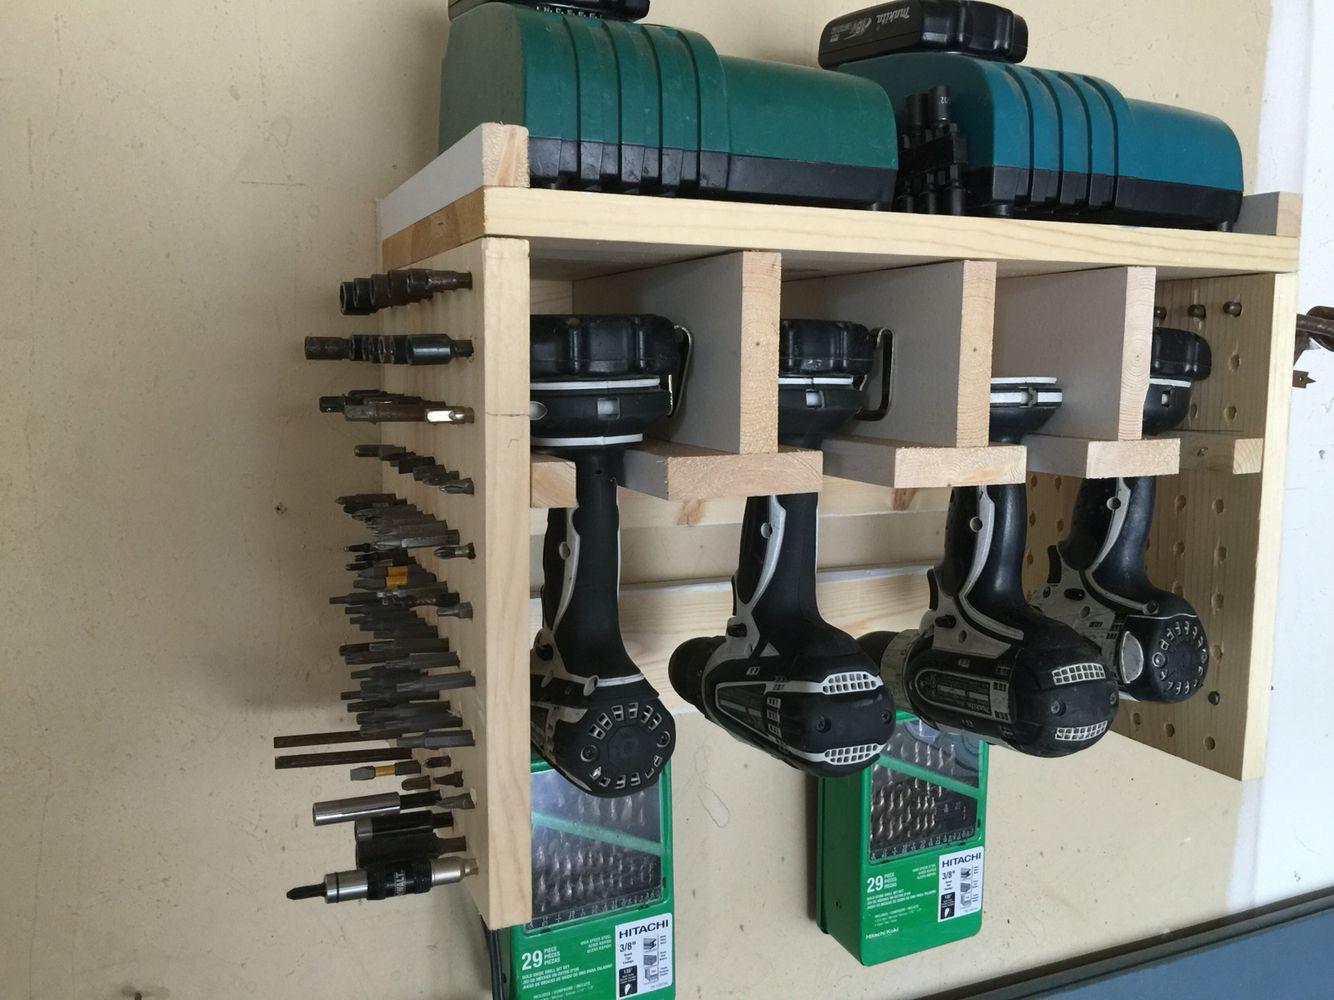 Best 25+ Makita power tools ideas on Pinterest | Dewalt cordless tools, Dewalt battery tools and ...